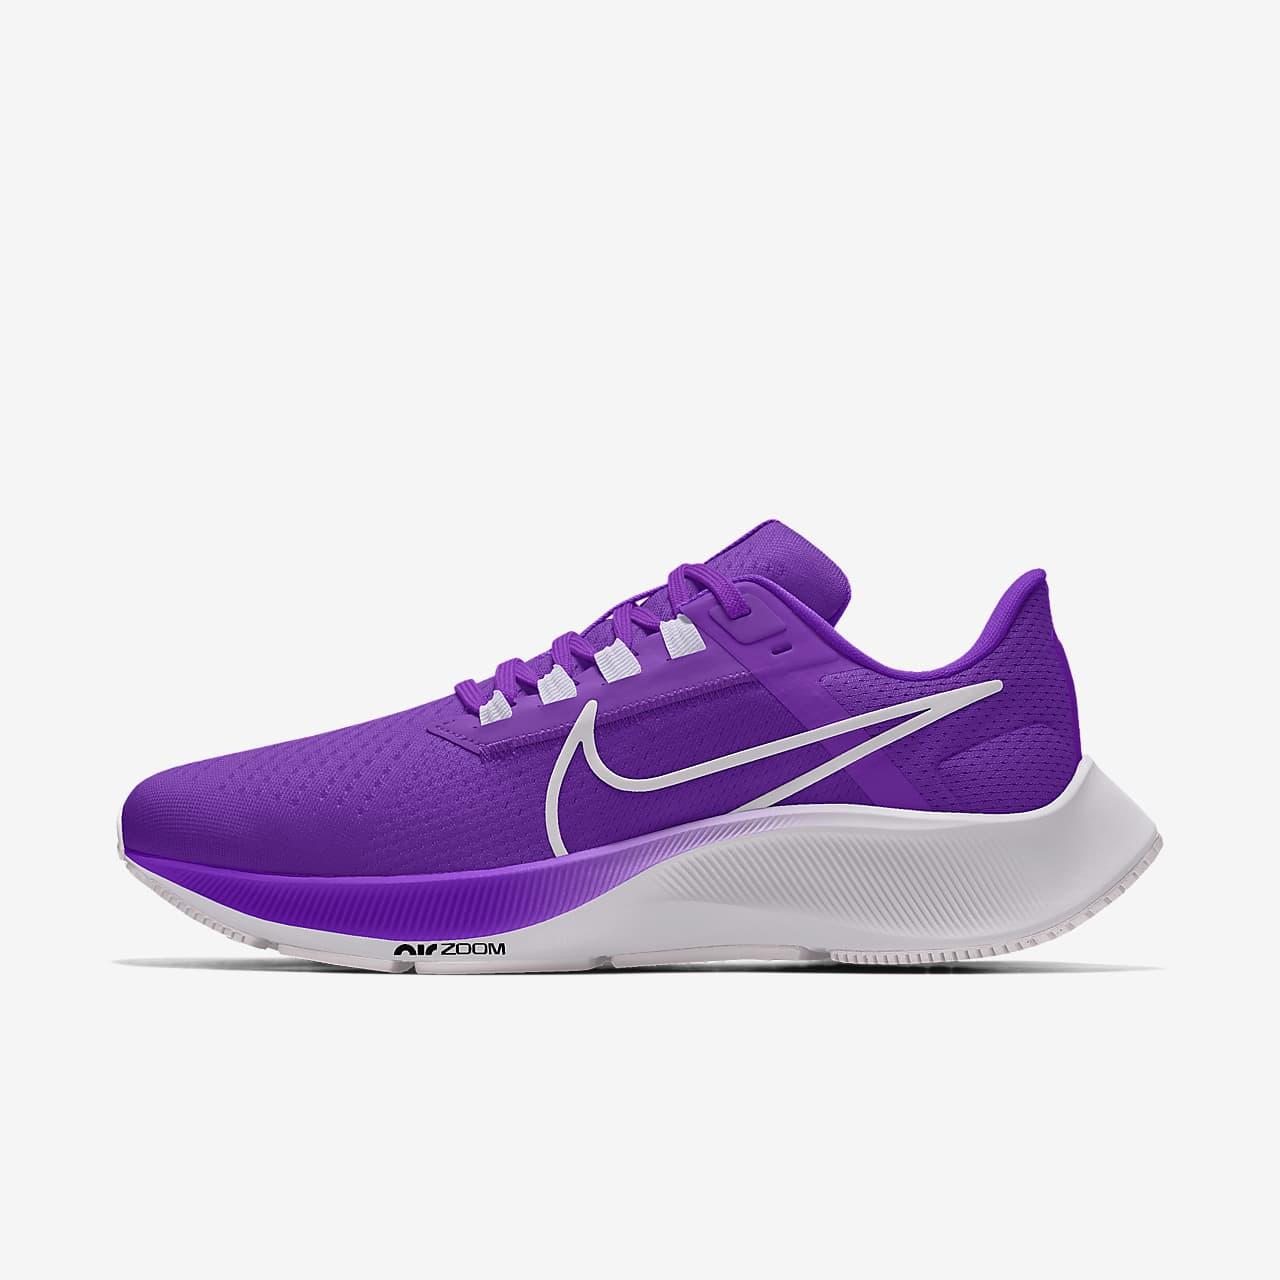 Εξατομικευμένο γυναικείο παπούτσι για τρέξιμο Nike Air Zoom Pegasus 38 By You